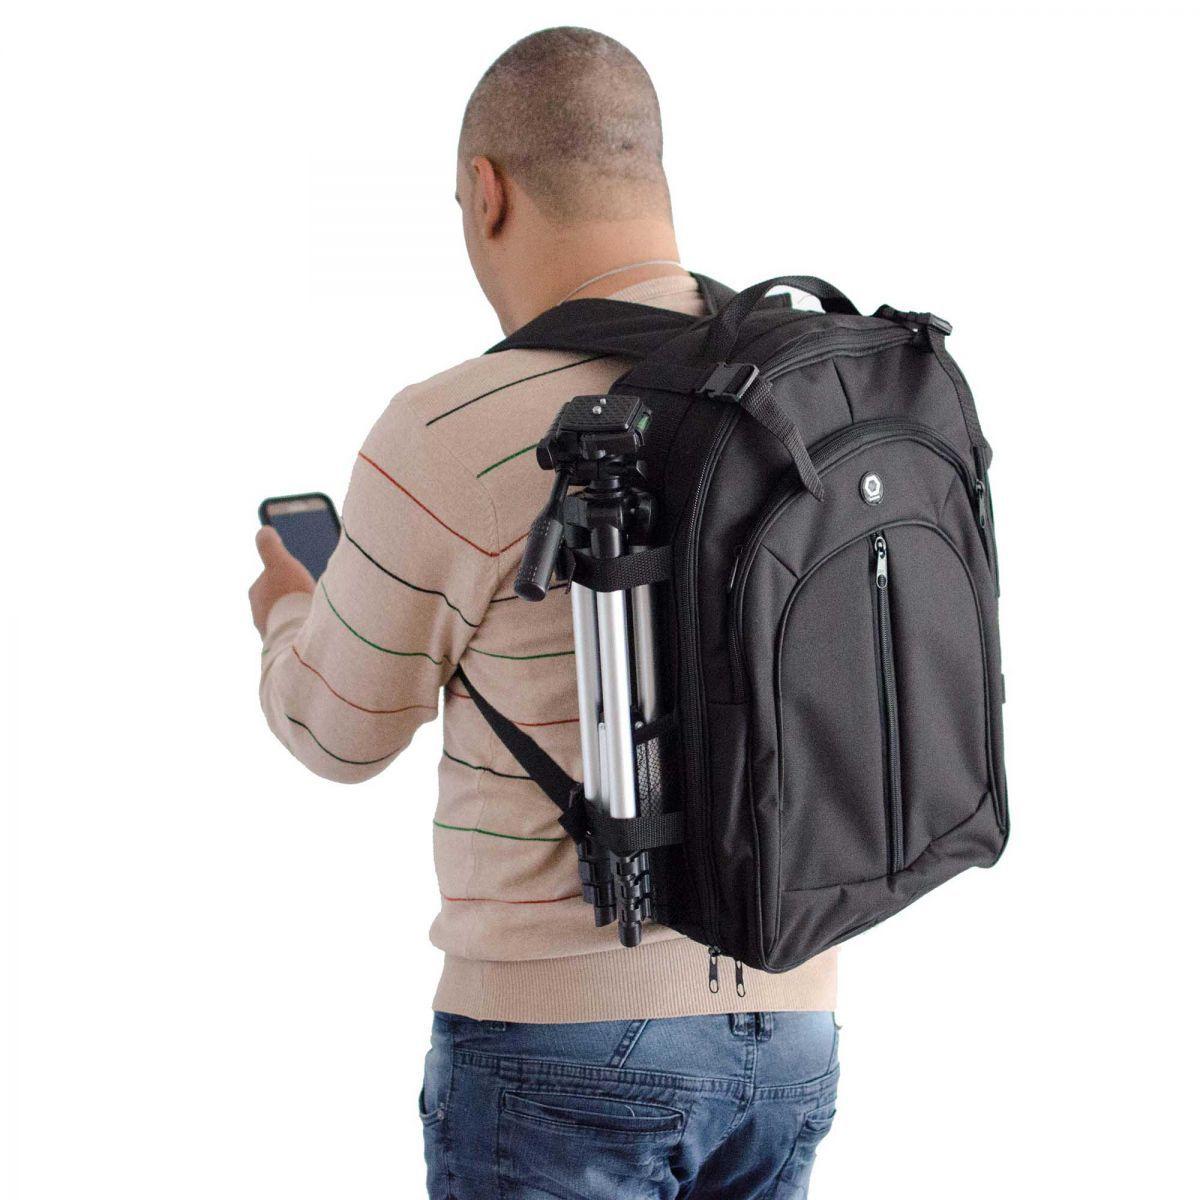 Mochila Ded Cases Para Maquina Fotografica E Equipamentos Fotograficos - PhotoPro Cargo